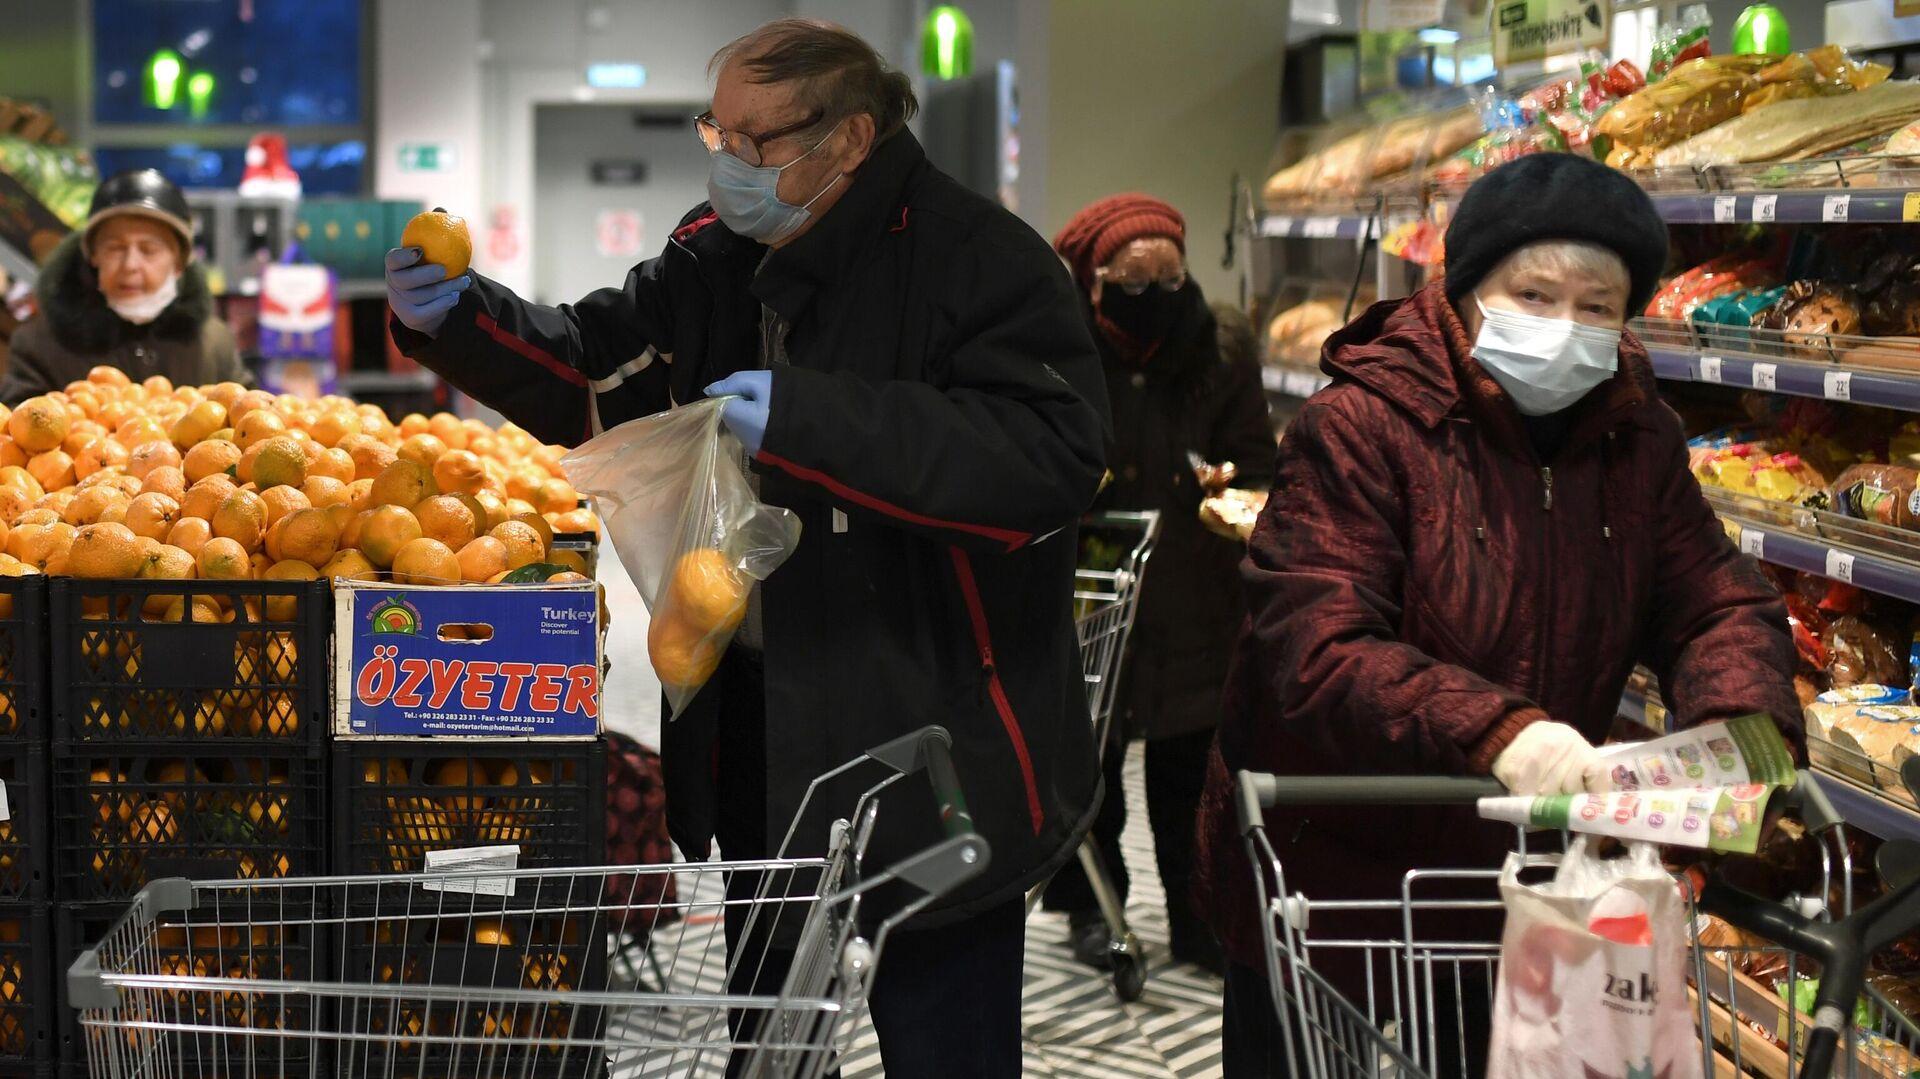 Предновогодняя торговля в магазине Пятерочка - РИА Новости, 1920, 25.01.2021